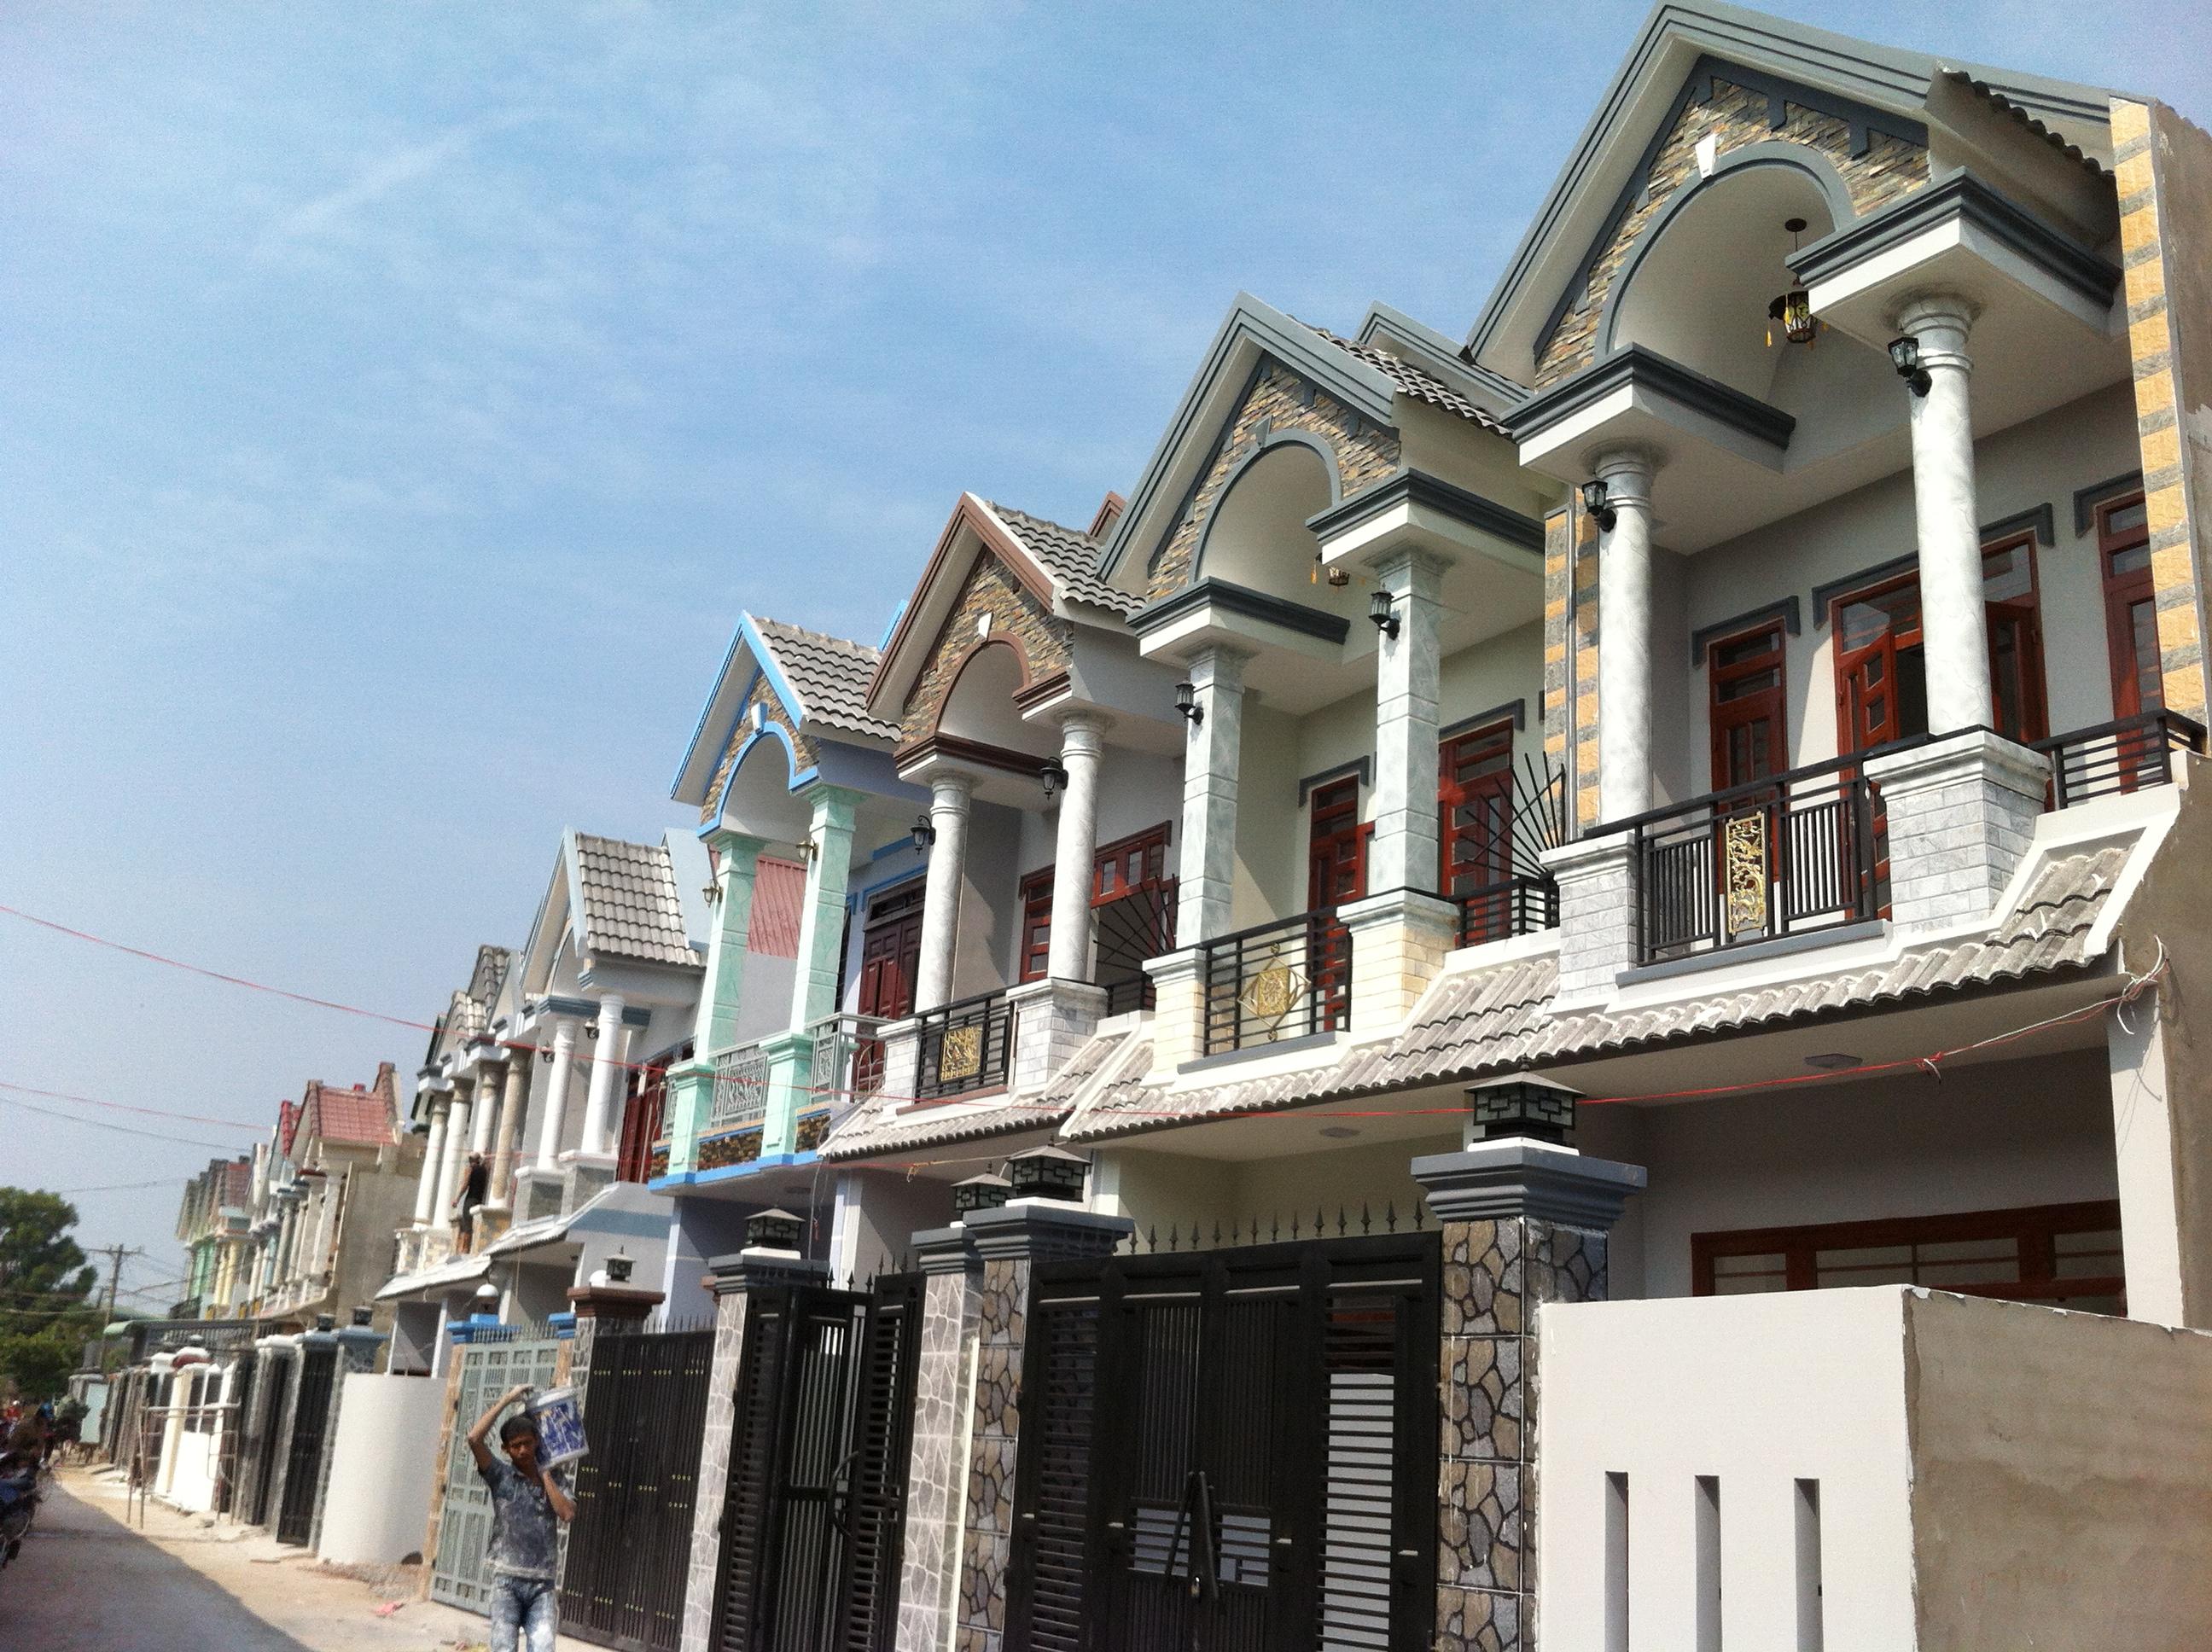 nhà phố mới gần khu công nghiệp visip, Việtnam SINGAPORE